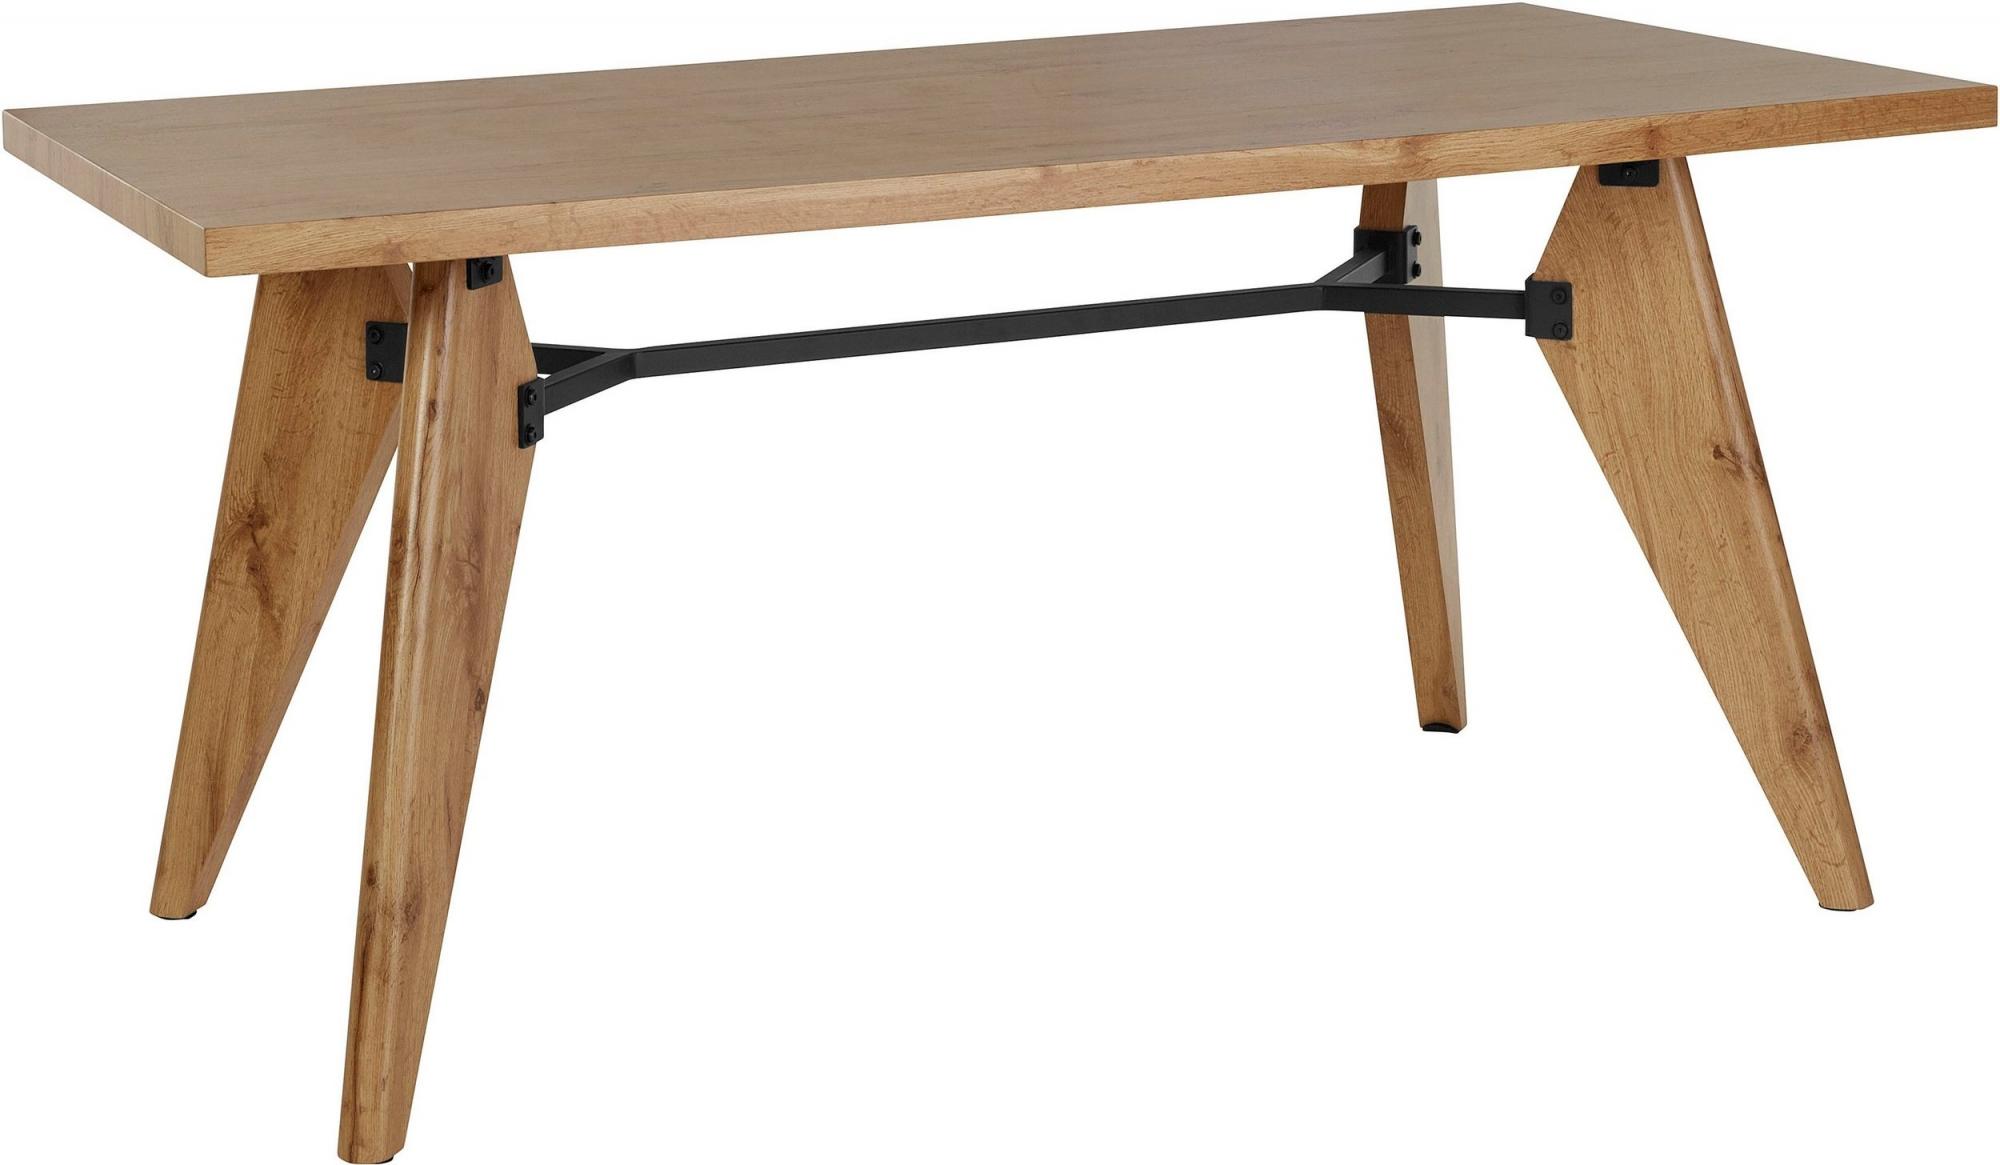 Jídelní stůl Even, 180 cm, přírodní dřevo